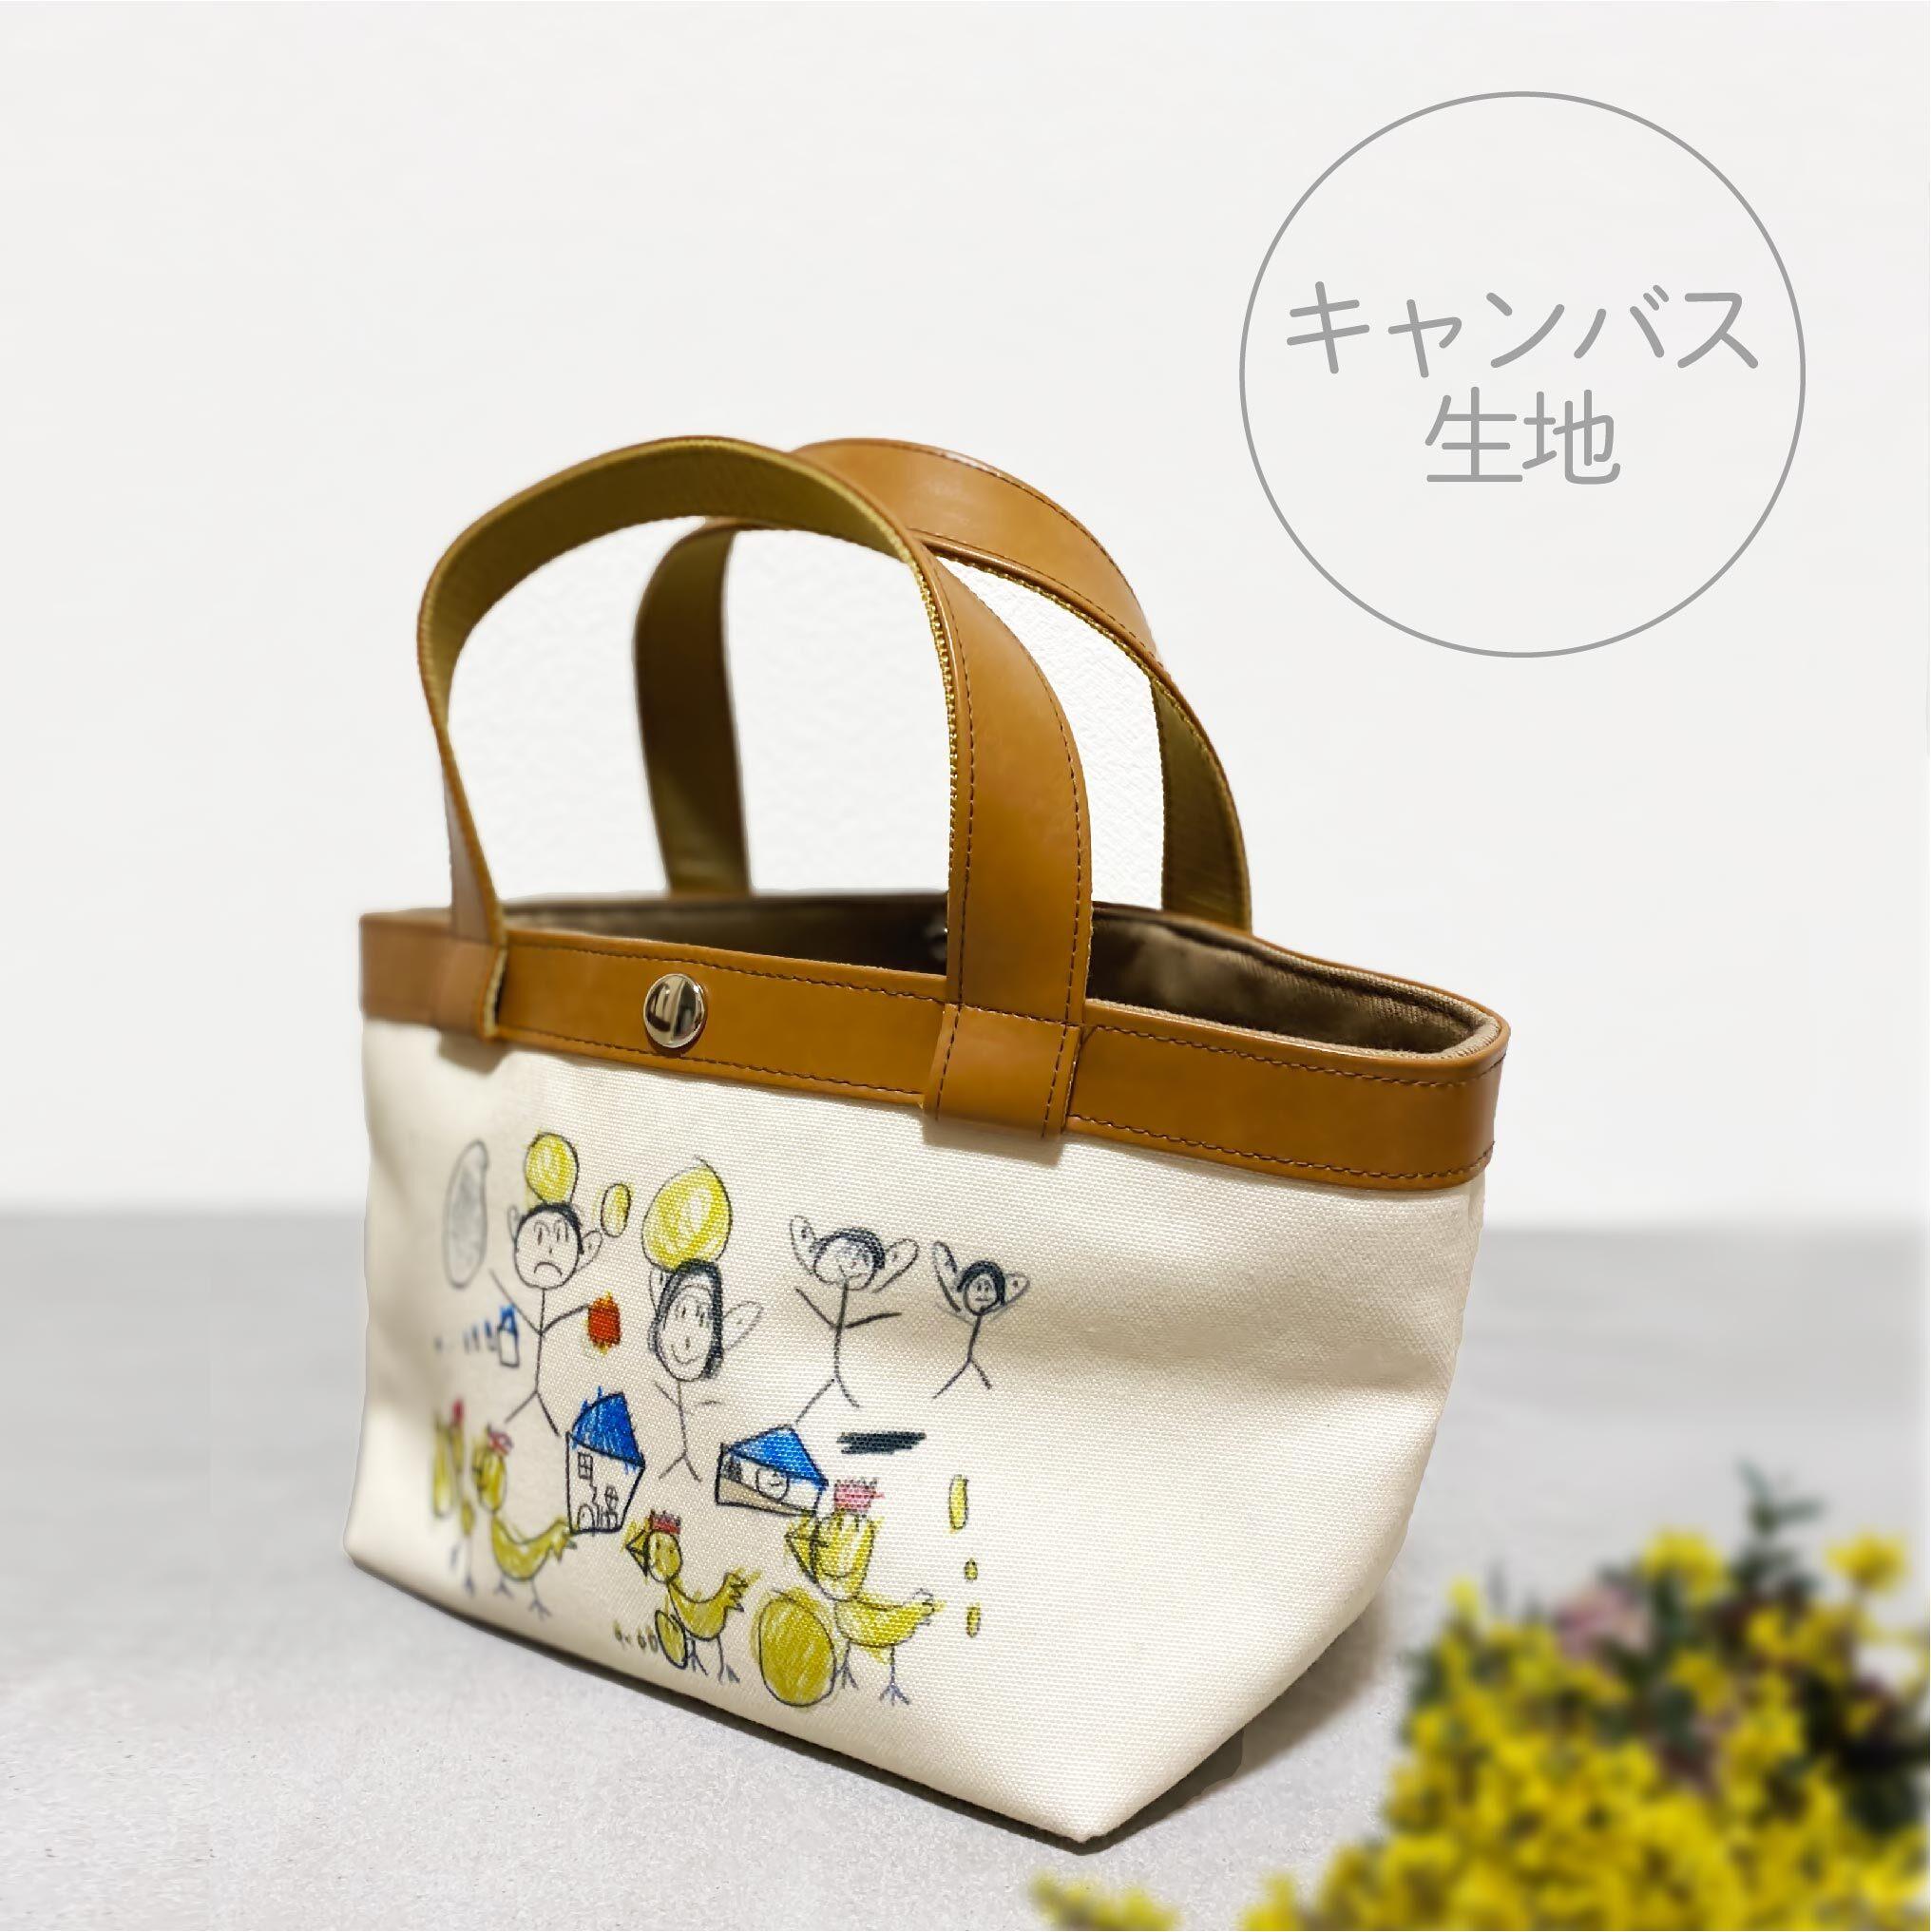 【2月中旬お届け予定】ミニトートバッグ◆キャンバス